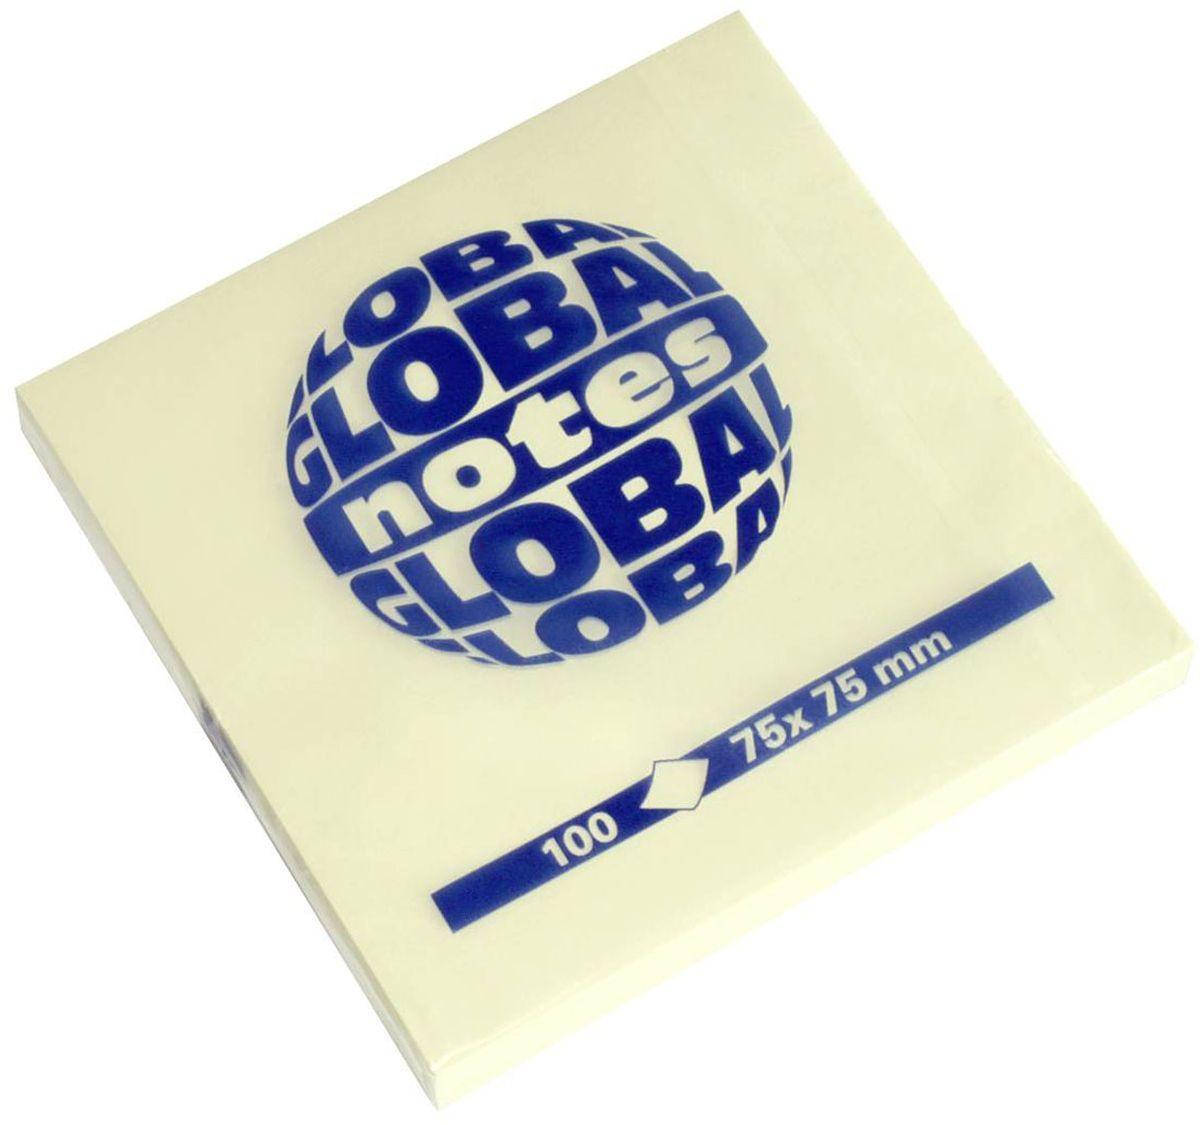 Global Notes Бумага для заметок с липким слоем цвет желтый 7,5 х 7,5 см 100 листов 365401365401Бумага для заметок с липким краем Global Notes - это удобное и практичное решение для быстрой записи информации дома или на работе.Качественная клеевая полоса рассчитана на крепление к любой поверхности, позволяет приклеивать и отклеивать листок неограниченное количество раз, не оставляя следов. Блок состоит из 100 листов бумаги желтого пастельного цвета.Размер блока - 75 х 75 мм.Плотность бумаги 70г/м2.